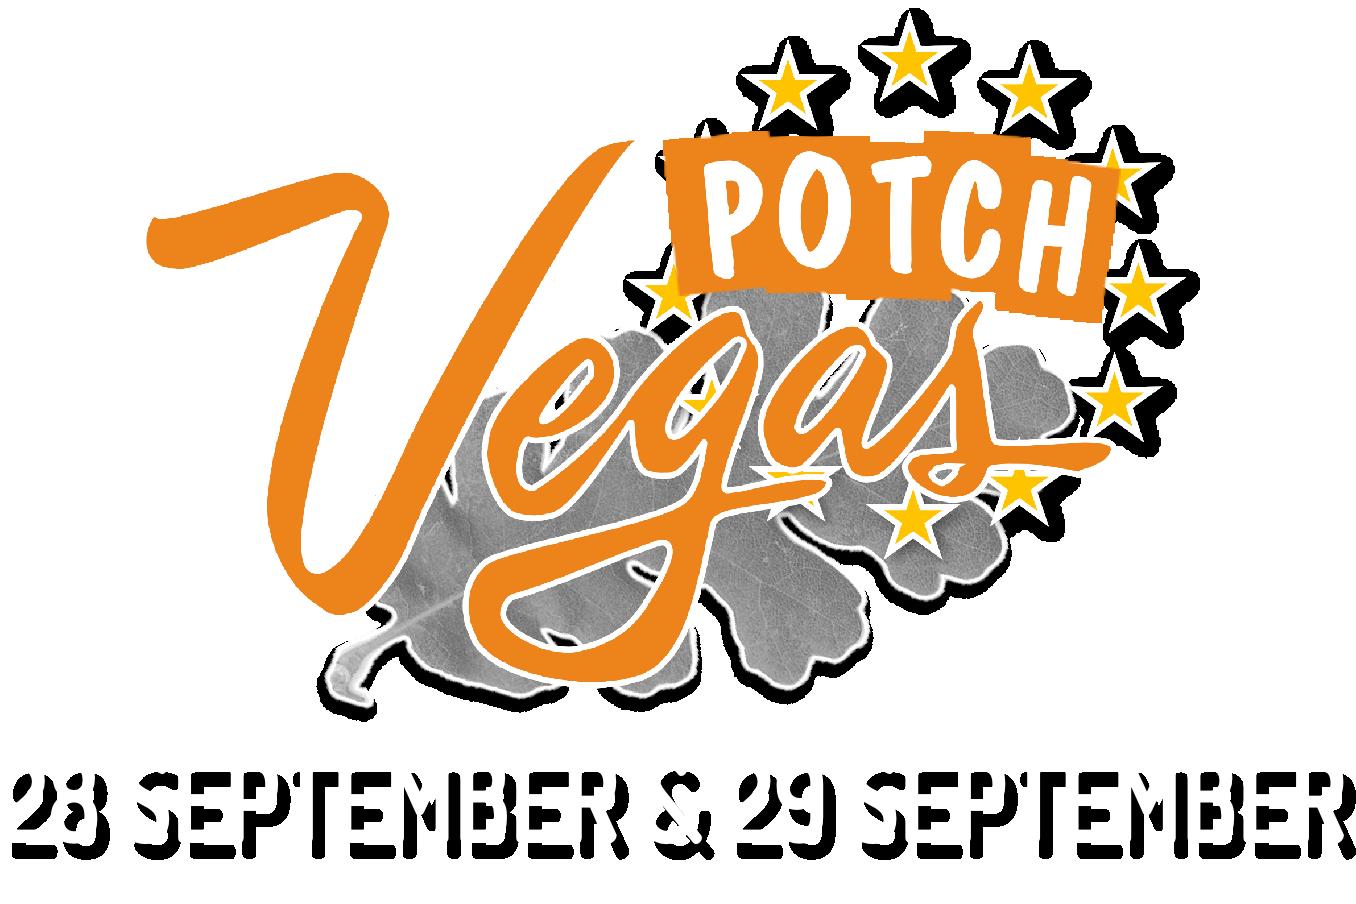 Potch Vegas